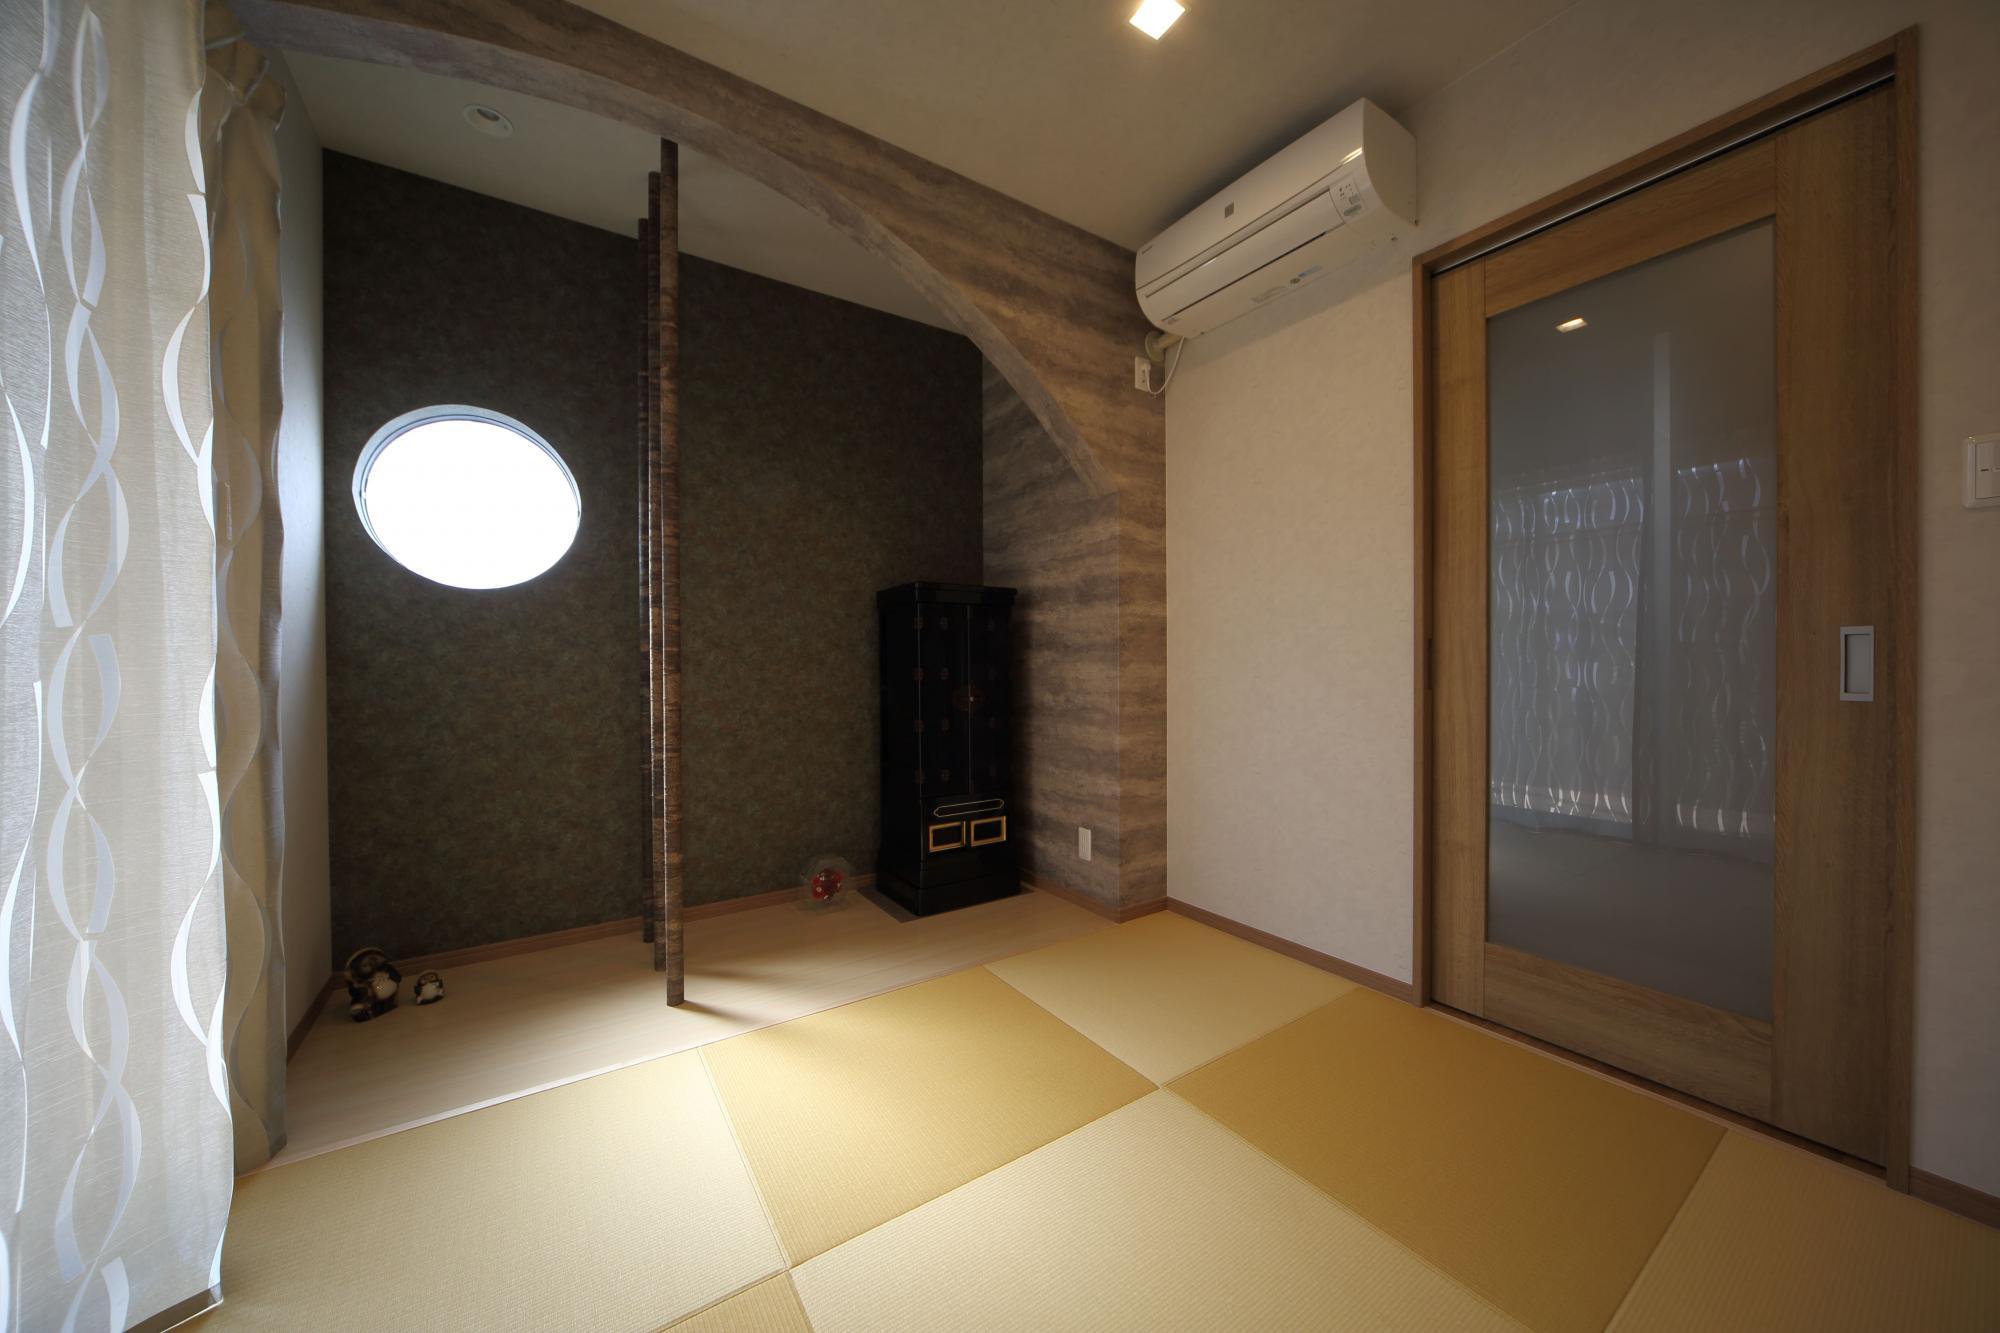 和室は縮小し、黄金色の目積畳を敷いて一新。床の間の上部にアールの曲線を施し、3本の銘竹の柱を配した。窓は風情漂う丸窓に。